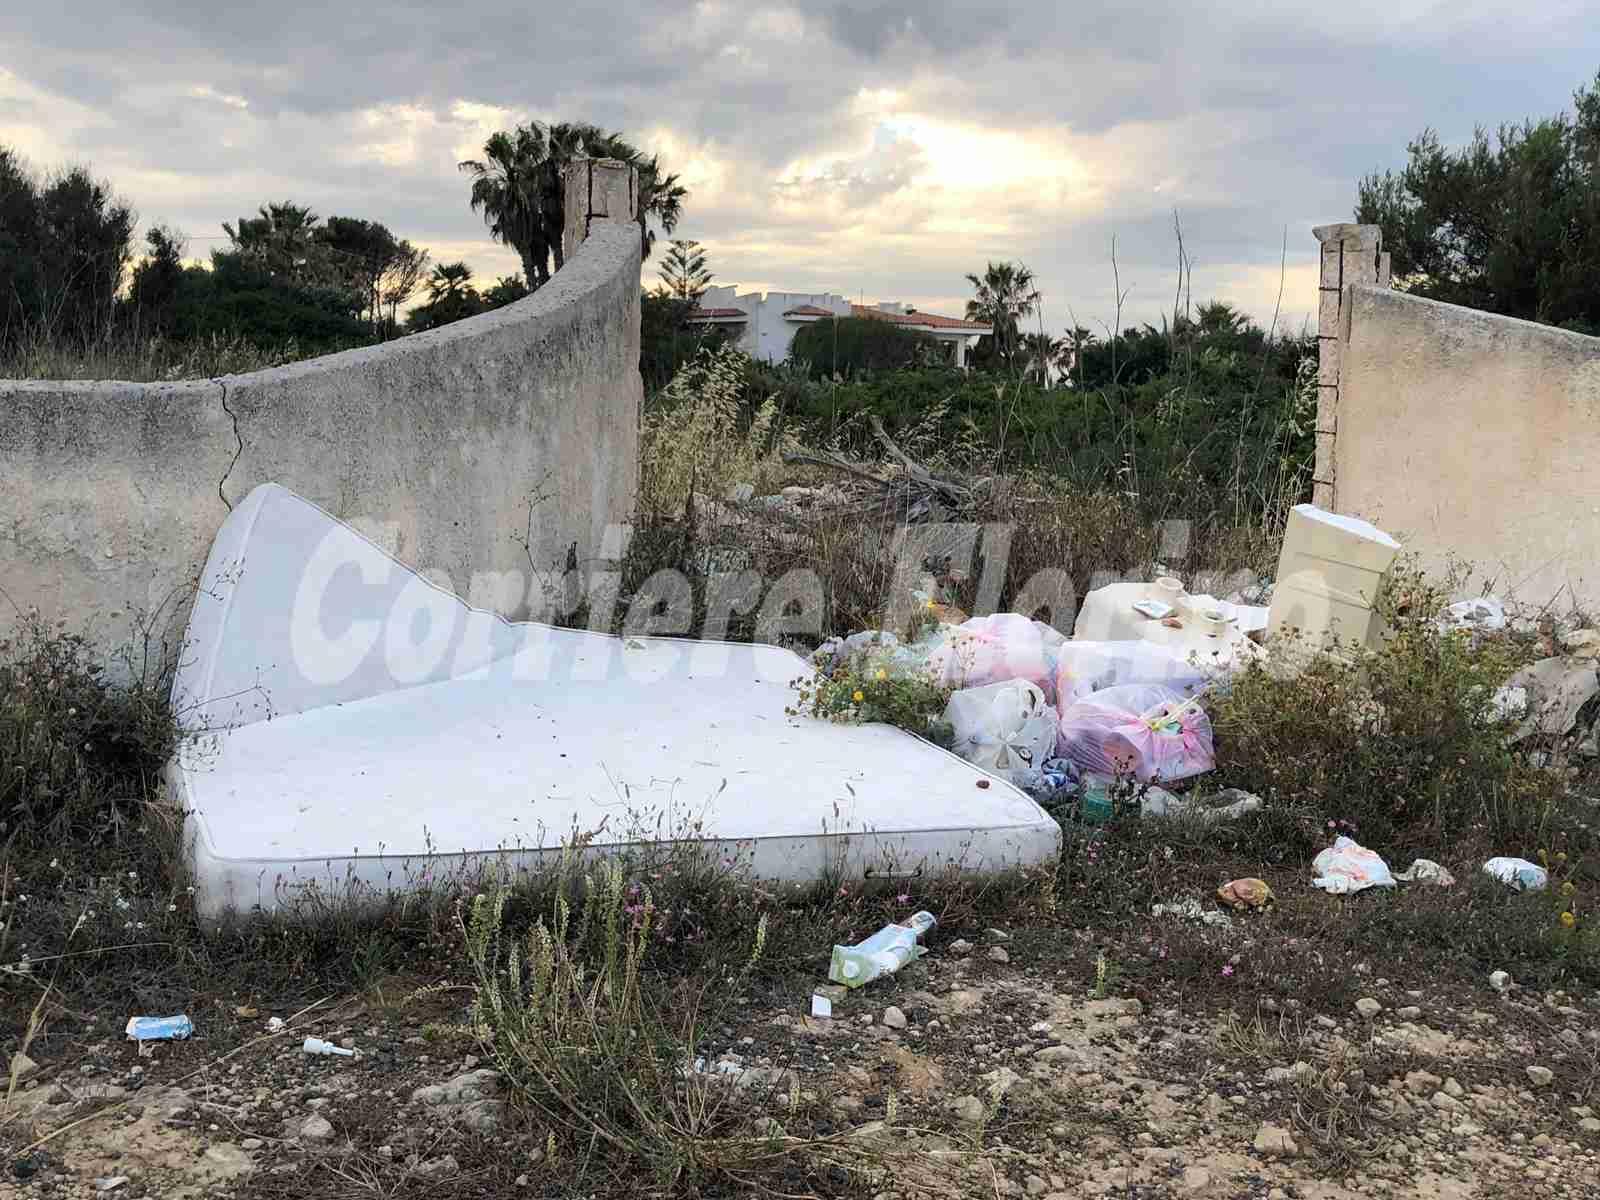 Avvio pulizia delle zone marittime San Lorenzo e Reitani ma persiste il fenomeno delle discariche abusive